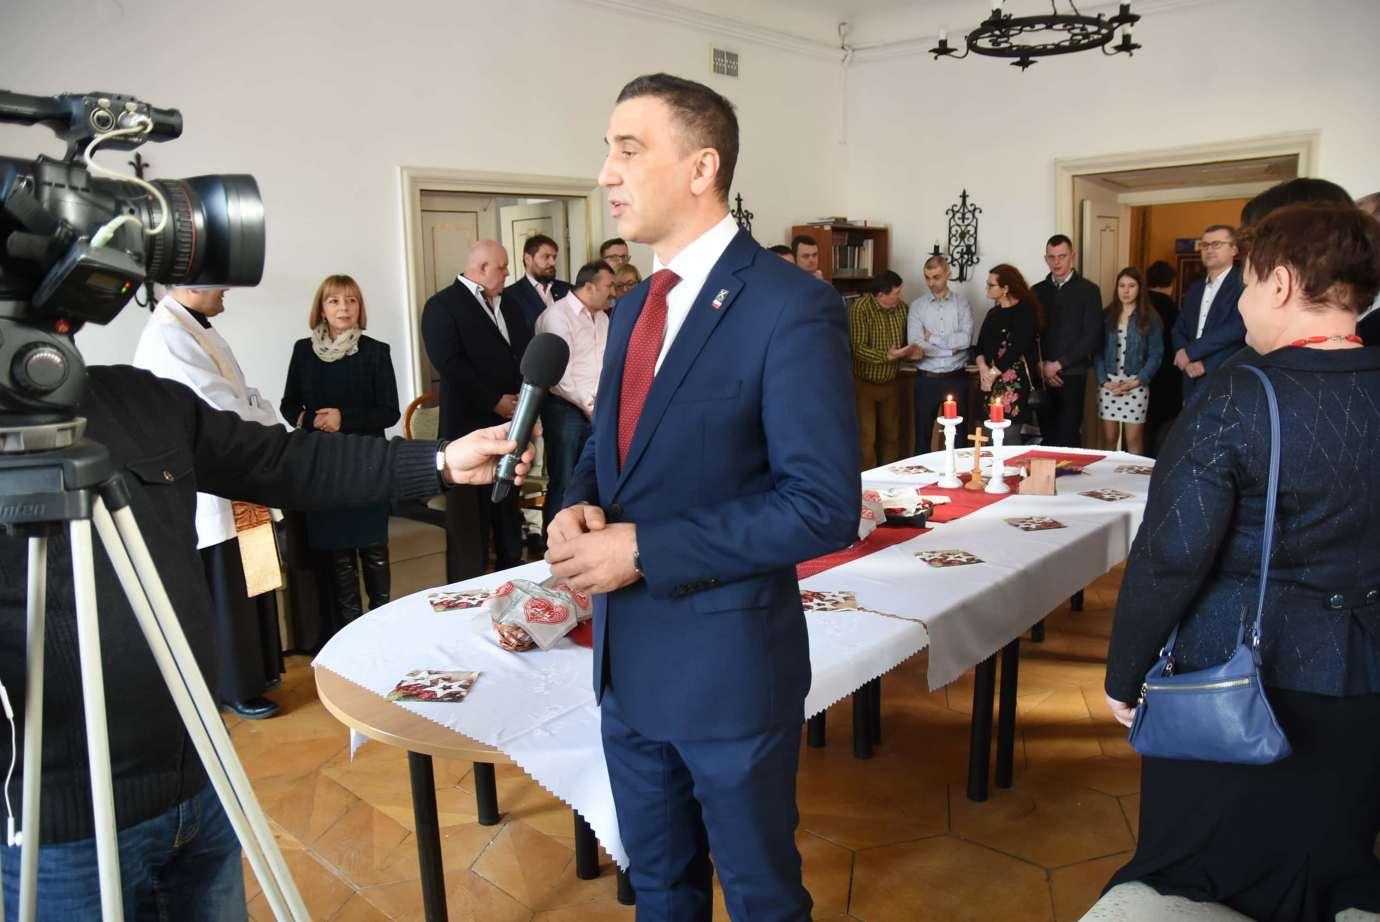 dsc 4004 Zamość: Otwarcie nowego biura poselskiego Jarosława Sachajko. [ZDJĘCIA, FILM]